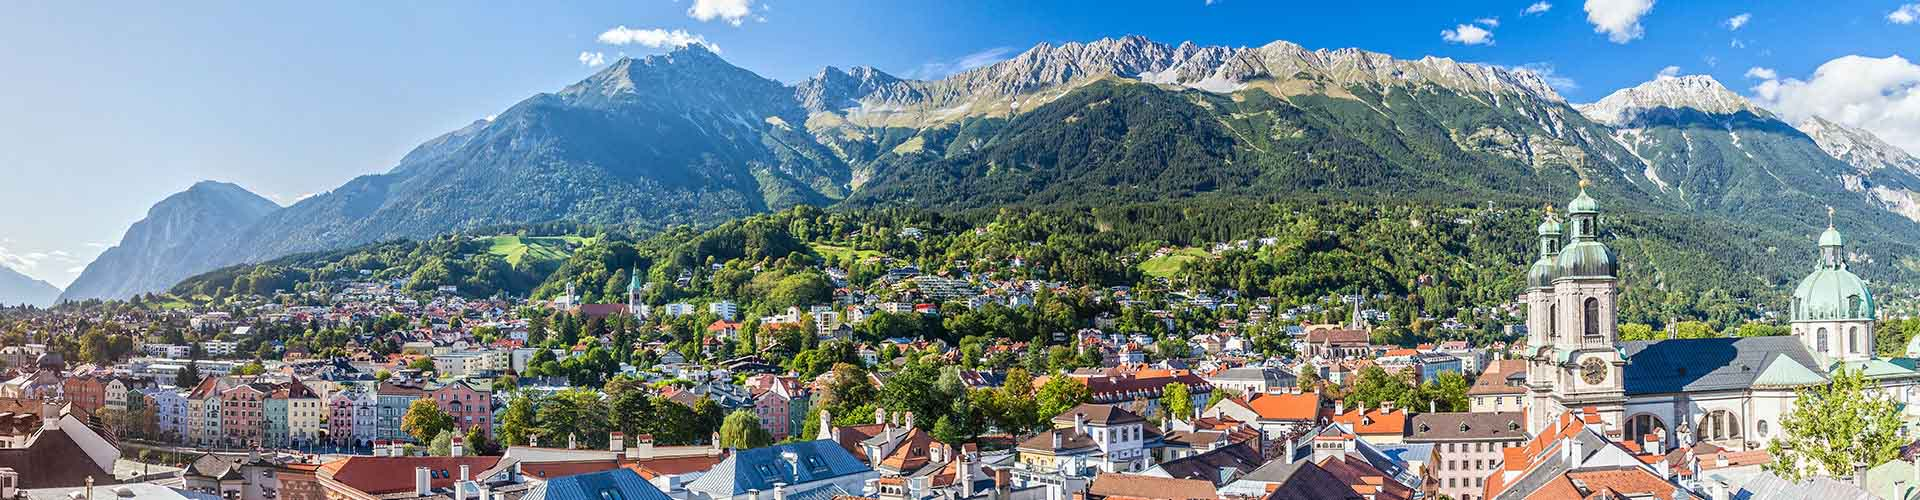 Innsbruck - Camping à Innsbruck. Cartes pour Innsbruck, photos et commentaires pour chaque Camping à Innsbruck.